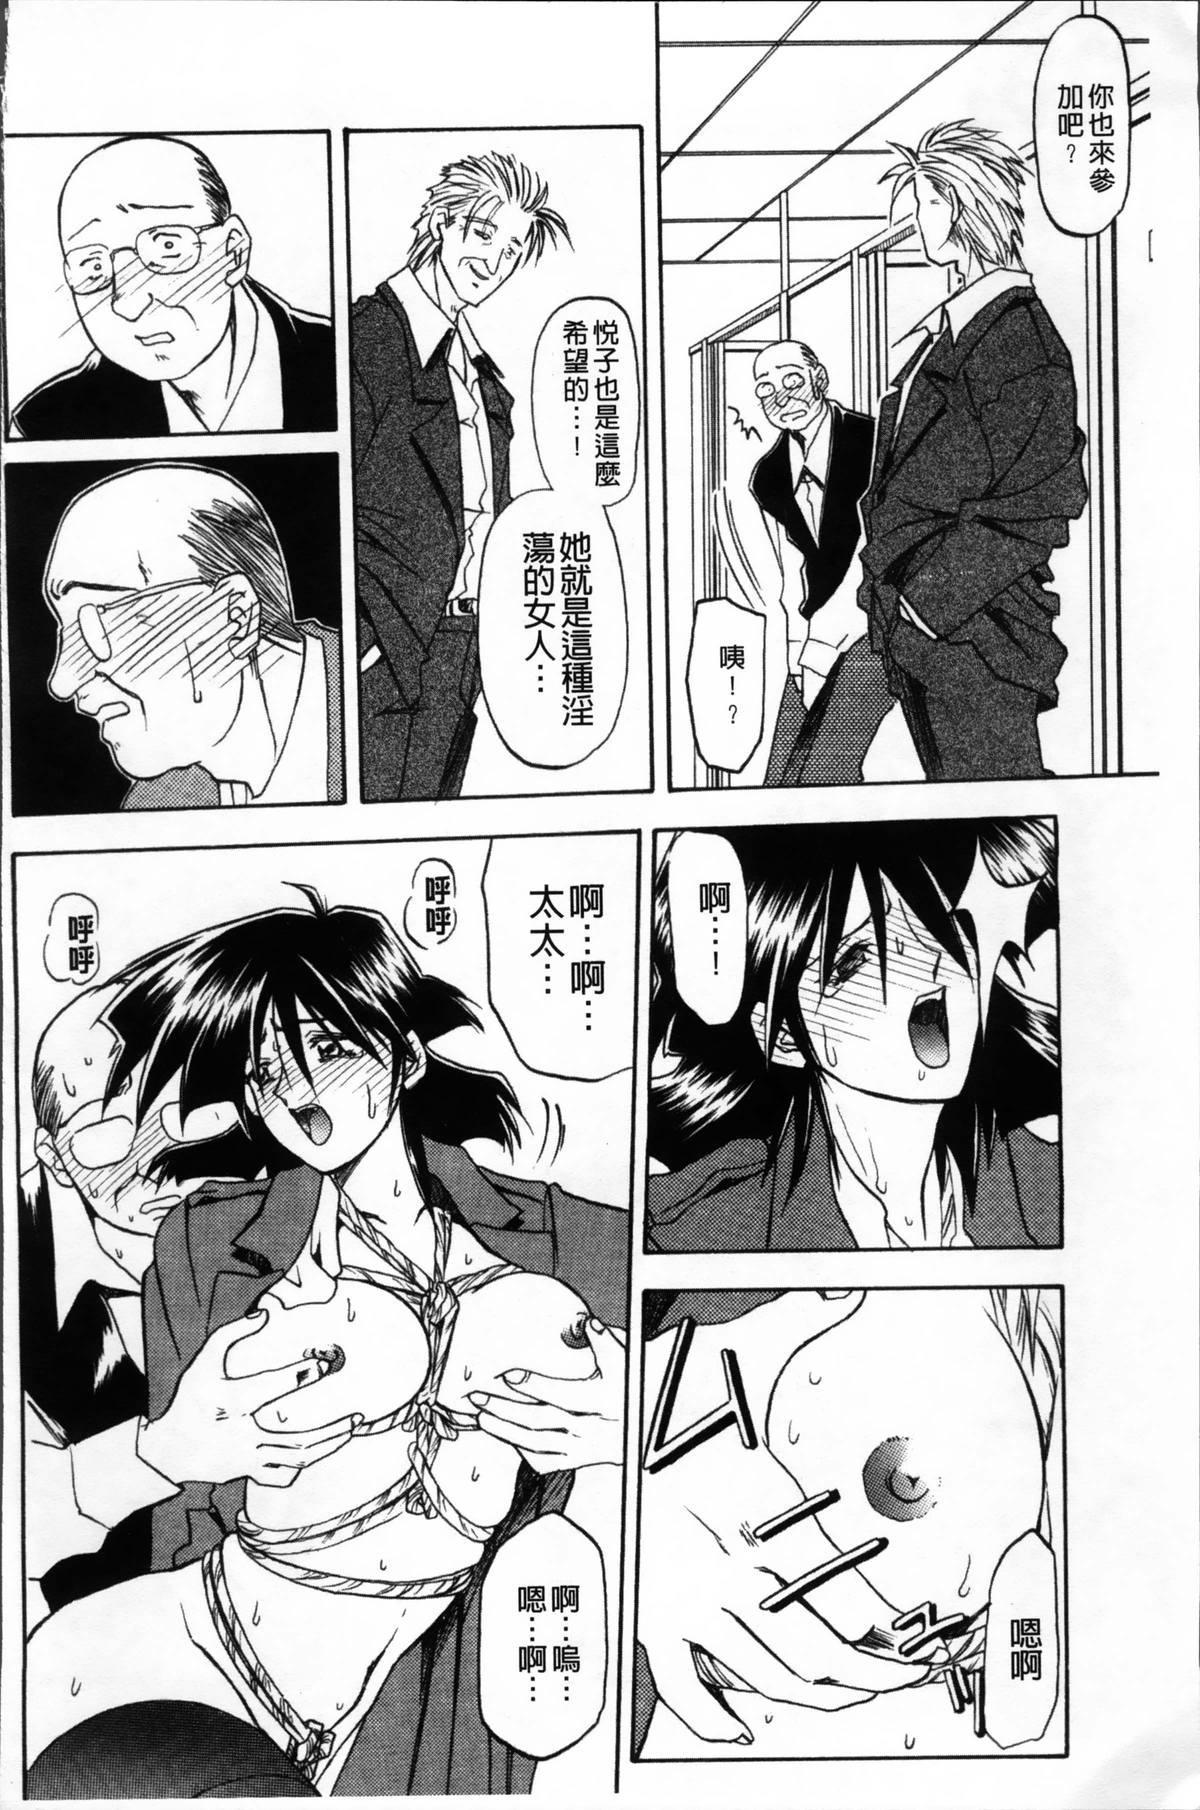 Hiiro no Koku Kanzenban   緋色之刻 完全版 197